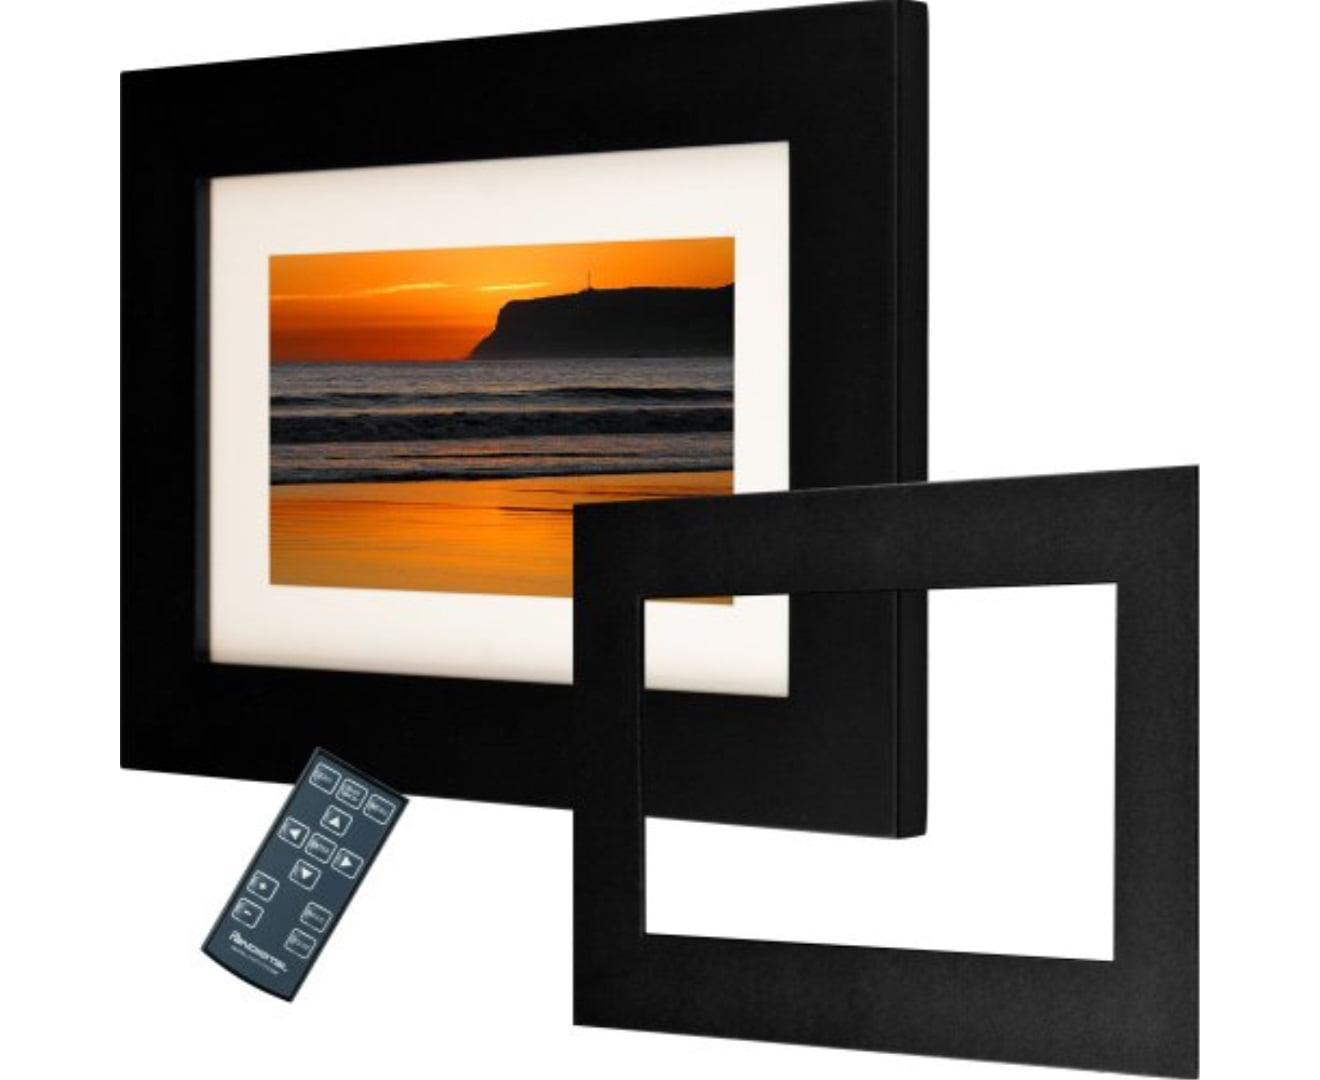 Pandigital Panimage Pi7002aw 7 Inch Analog Digital Picture Frame Black